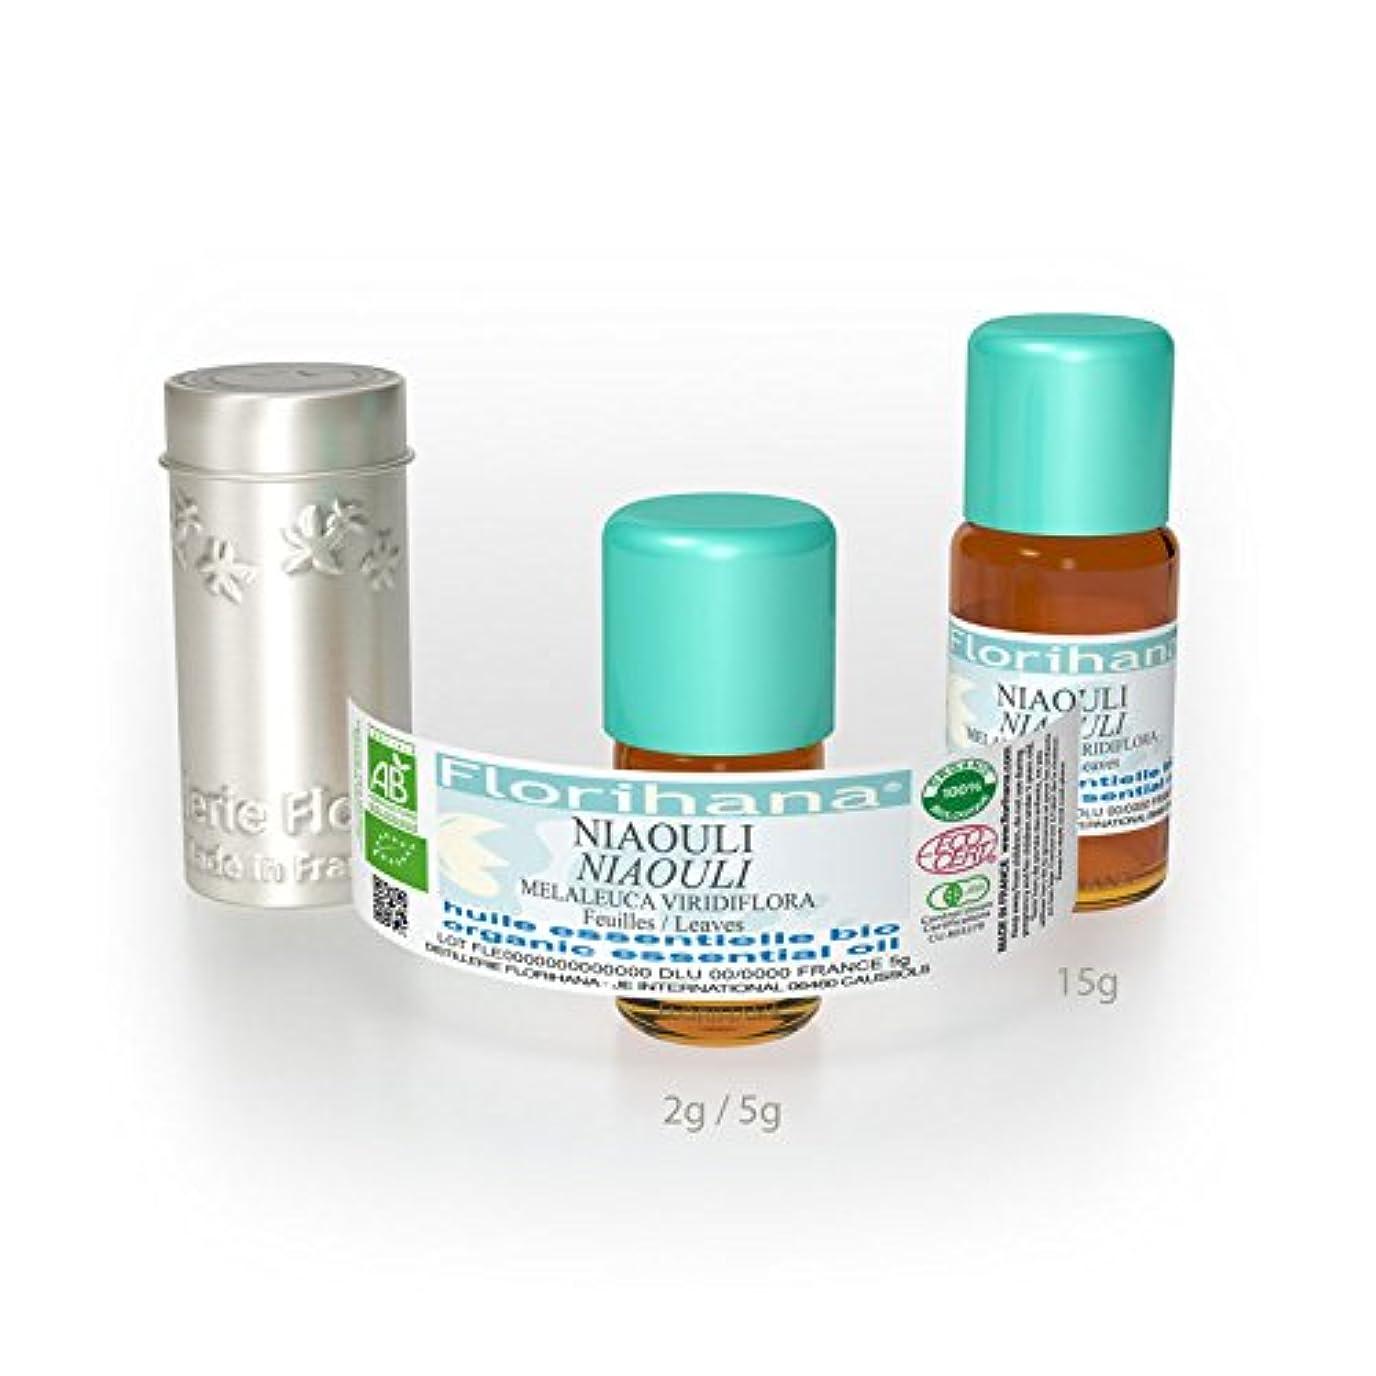 ハミングバードアレルギー瞳オーガニック エッセンシャルオイル ニアウリ 15g(16.5ml)